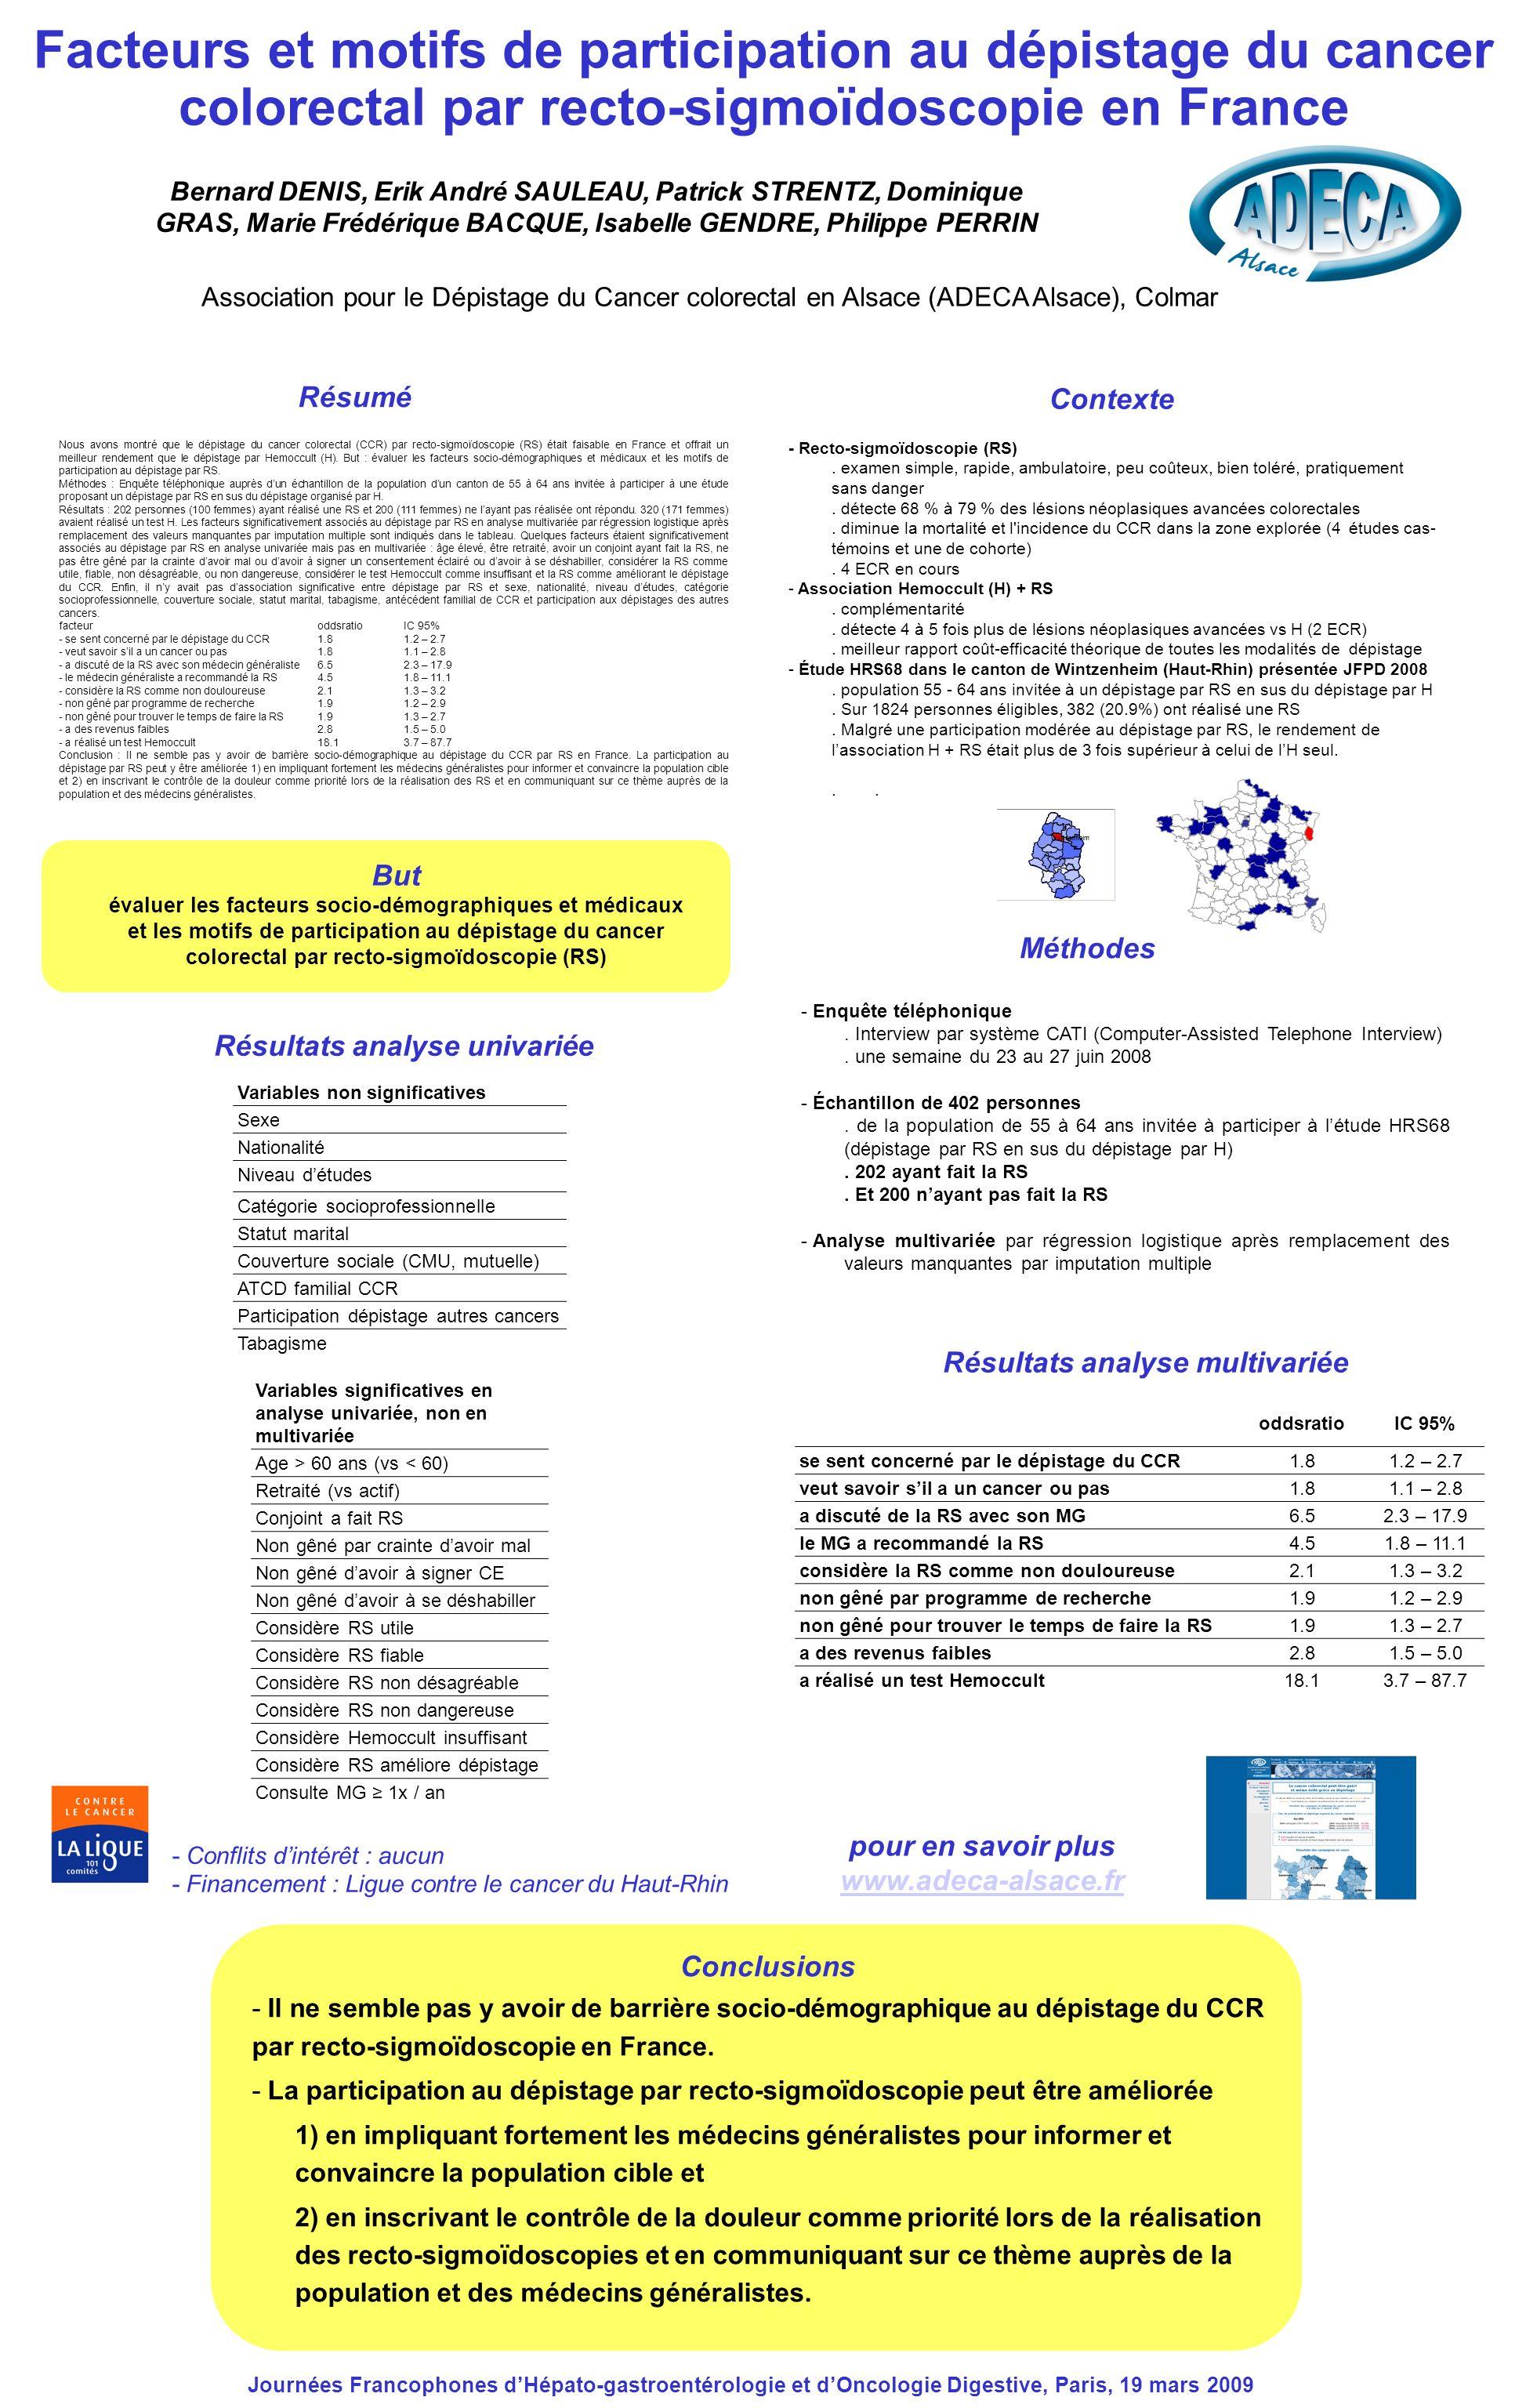 Résultats analyse univariée Nous avons montré que le dépistage du cancer colorectal (CCR) par recto-sigmoïdoscopie (RS) était faisable en France et of